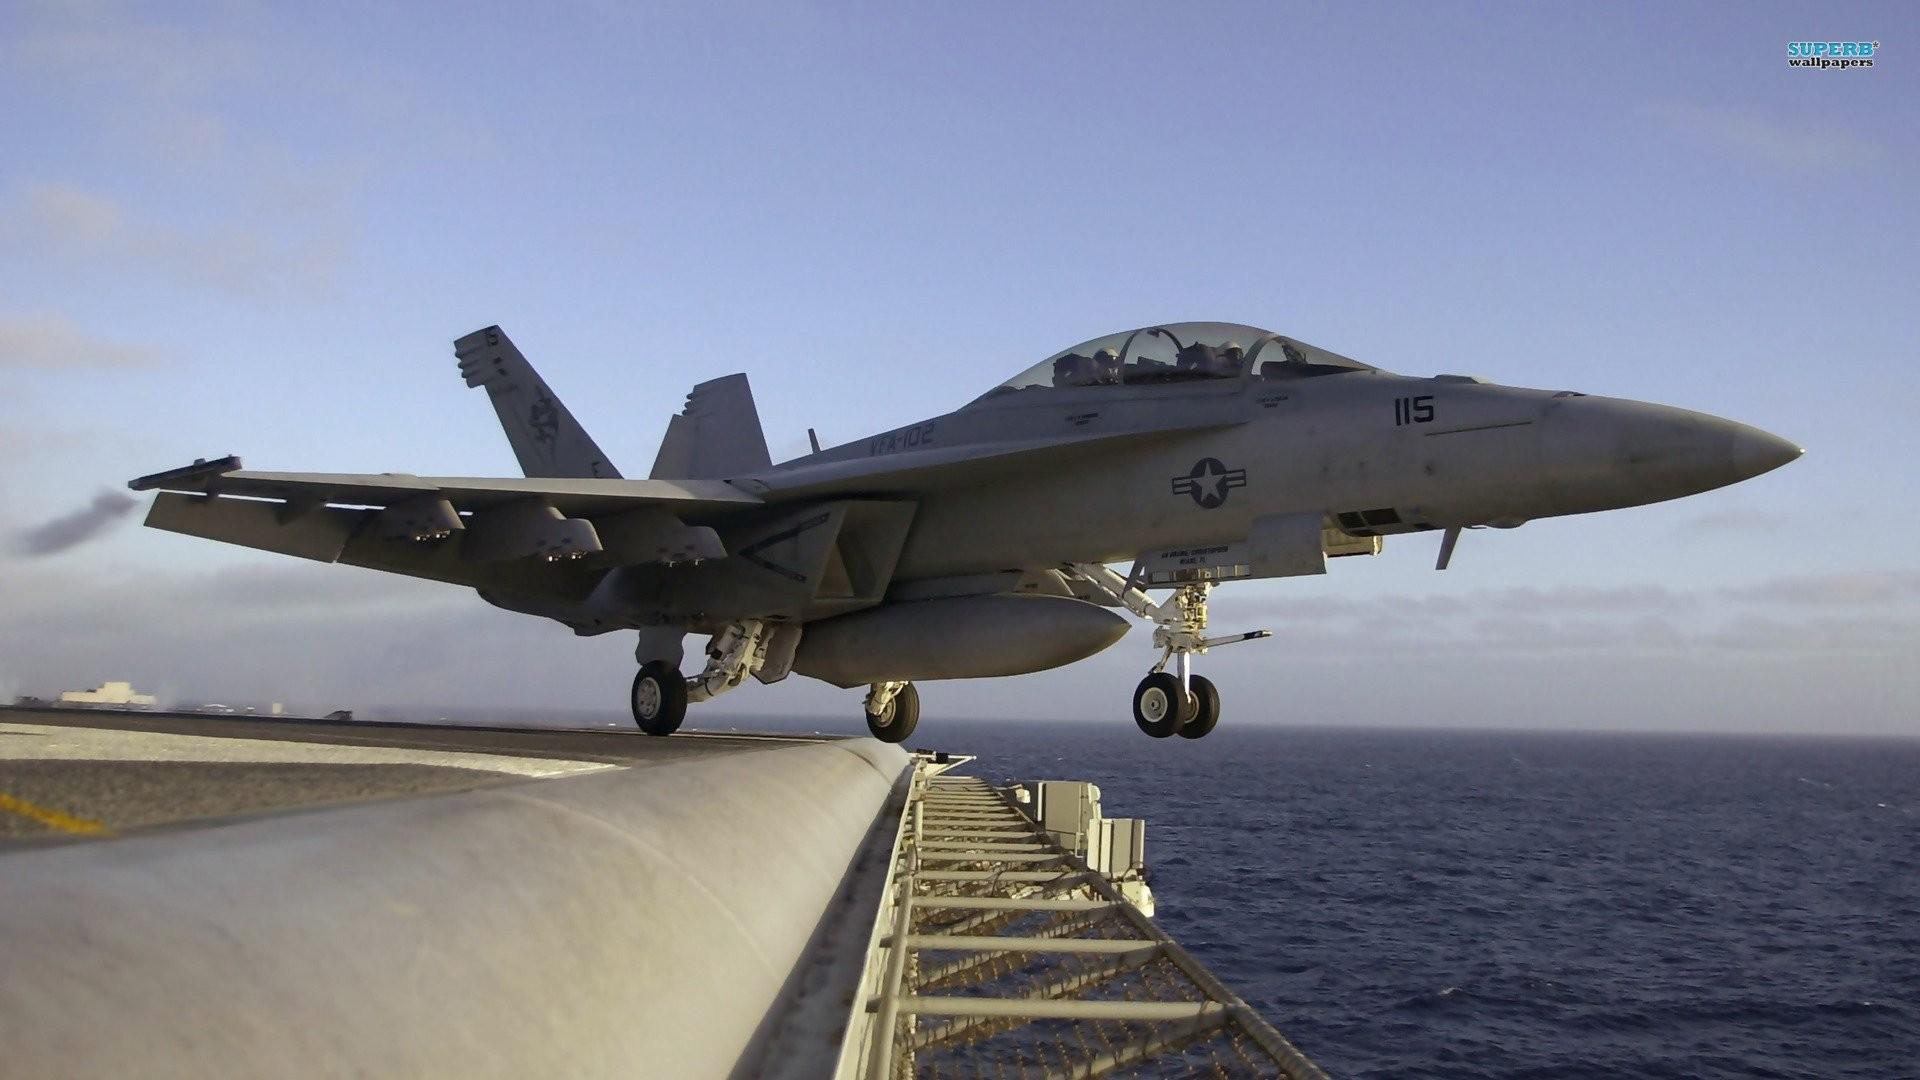 F 14 Tomcat 534808 …